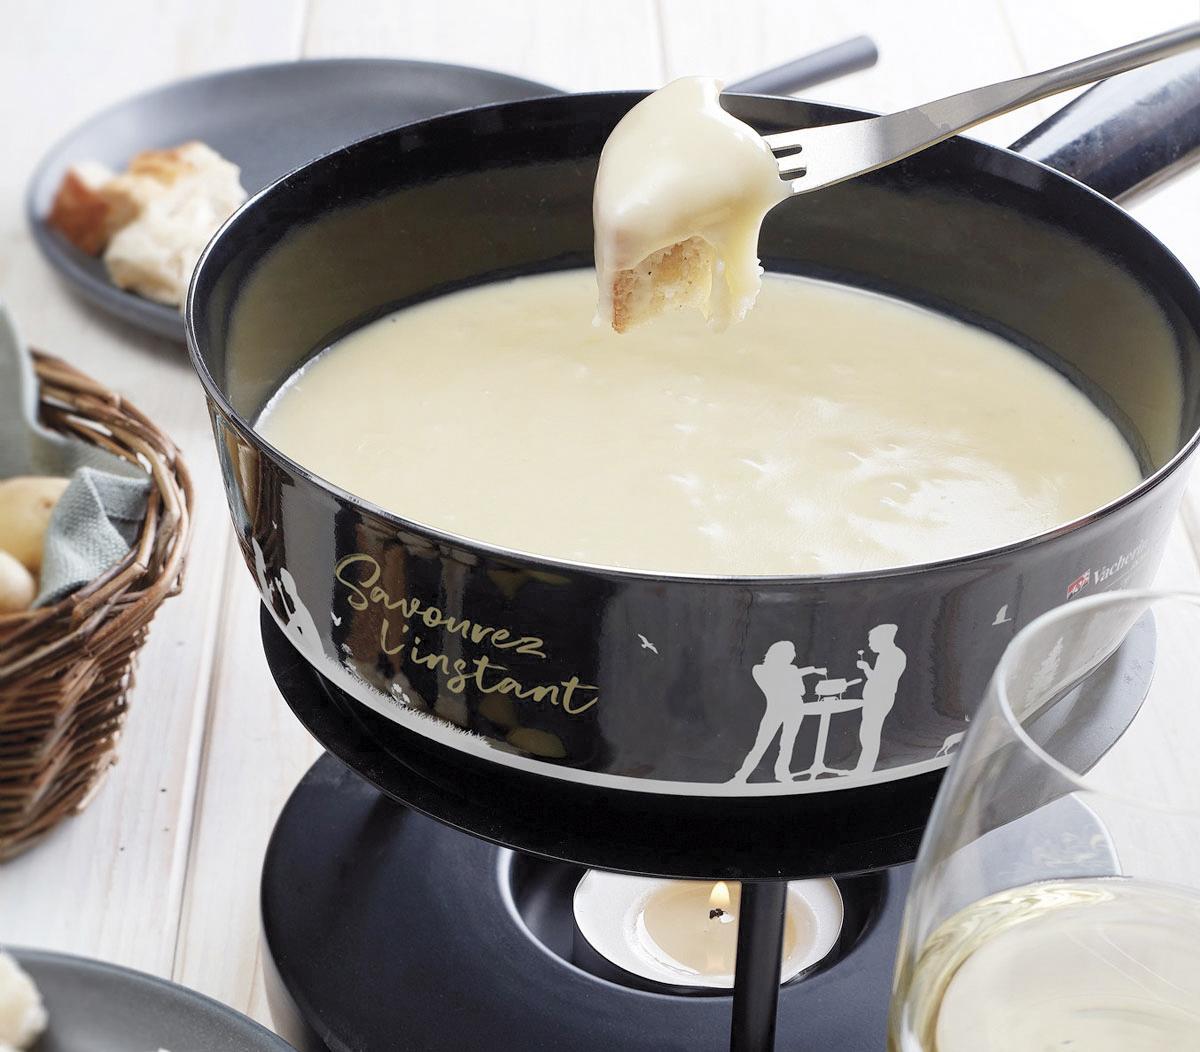 Les mélanges à fondue compromettent parfois  la mise en valeur des fromages